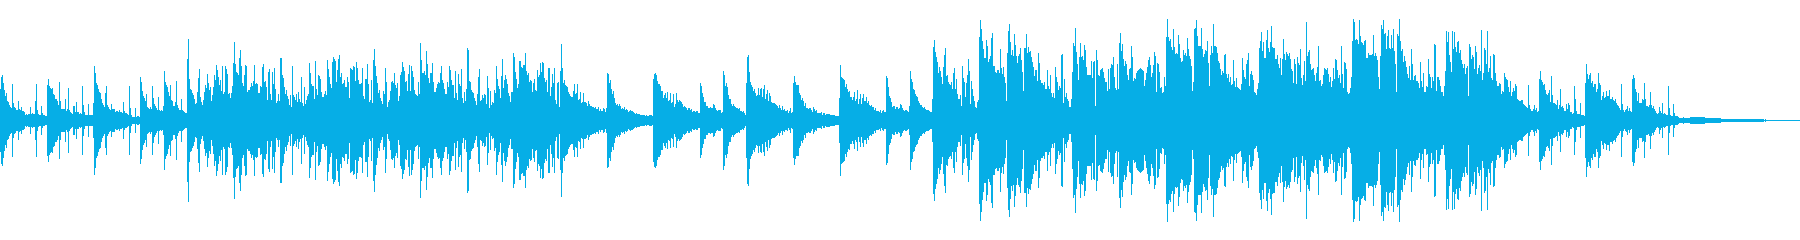 ストリングスがオシャレなLo-Fiビートの再生済みの波形